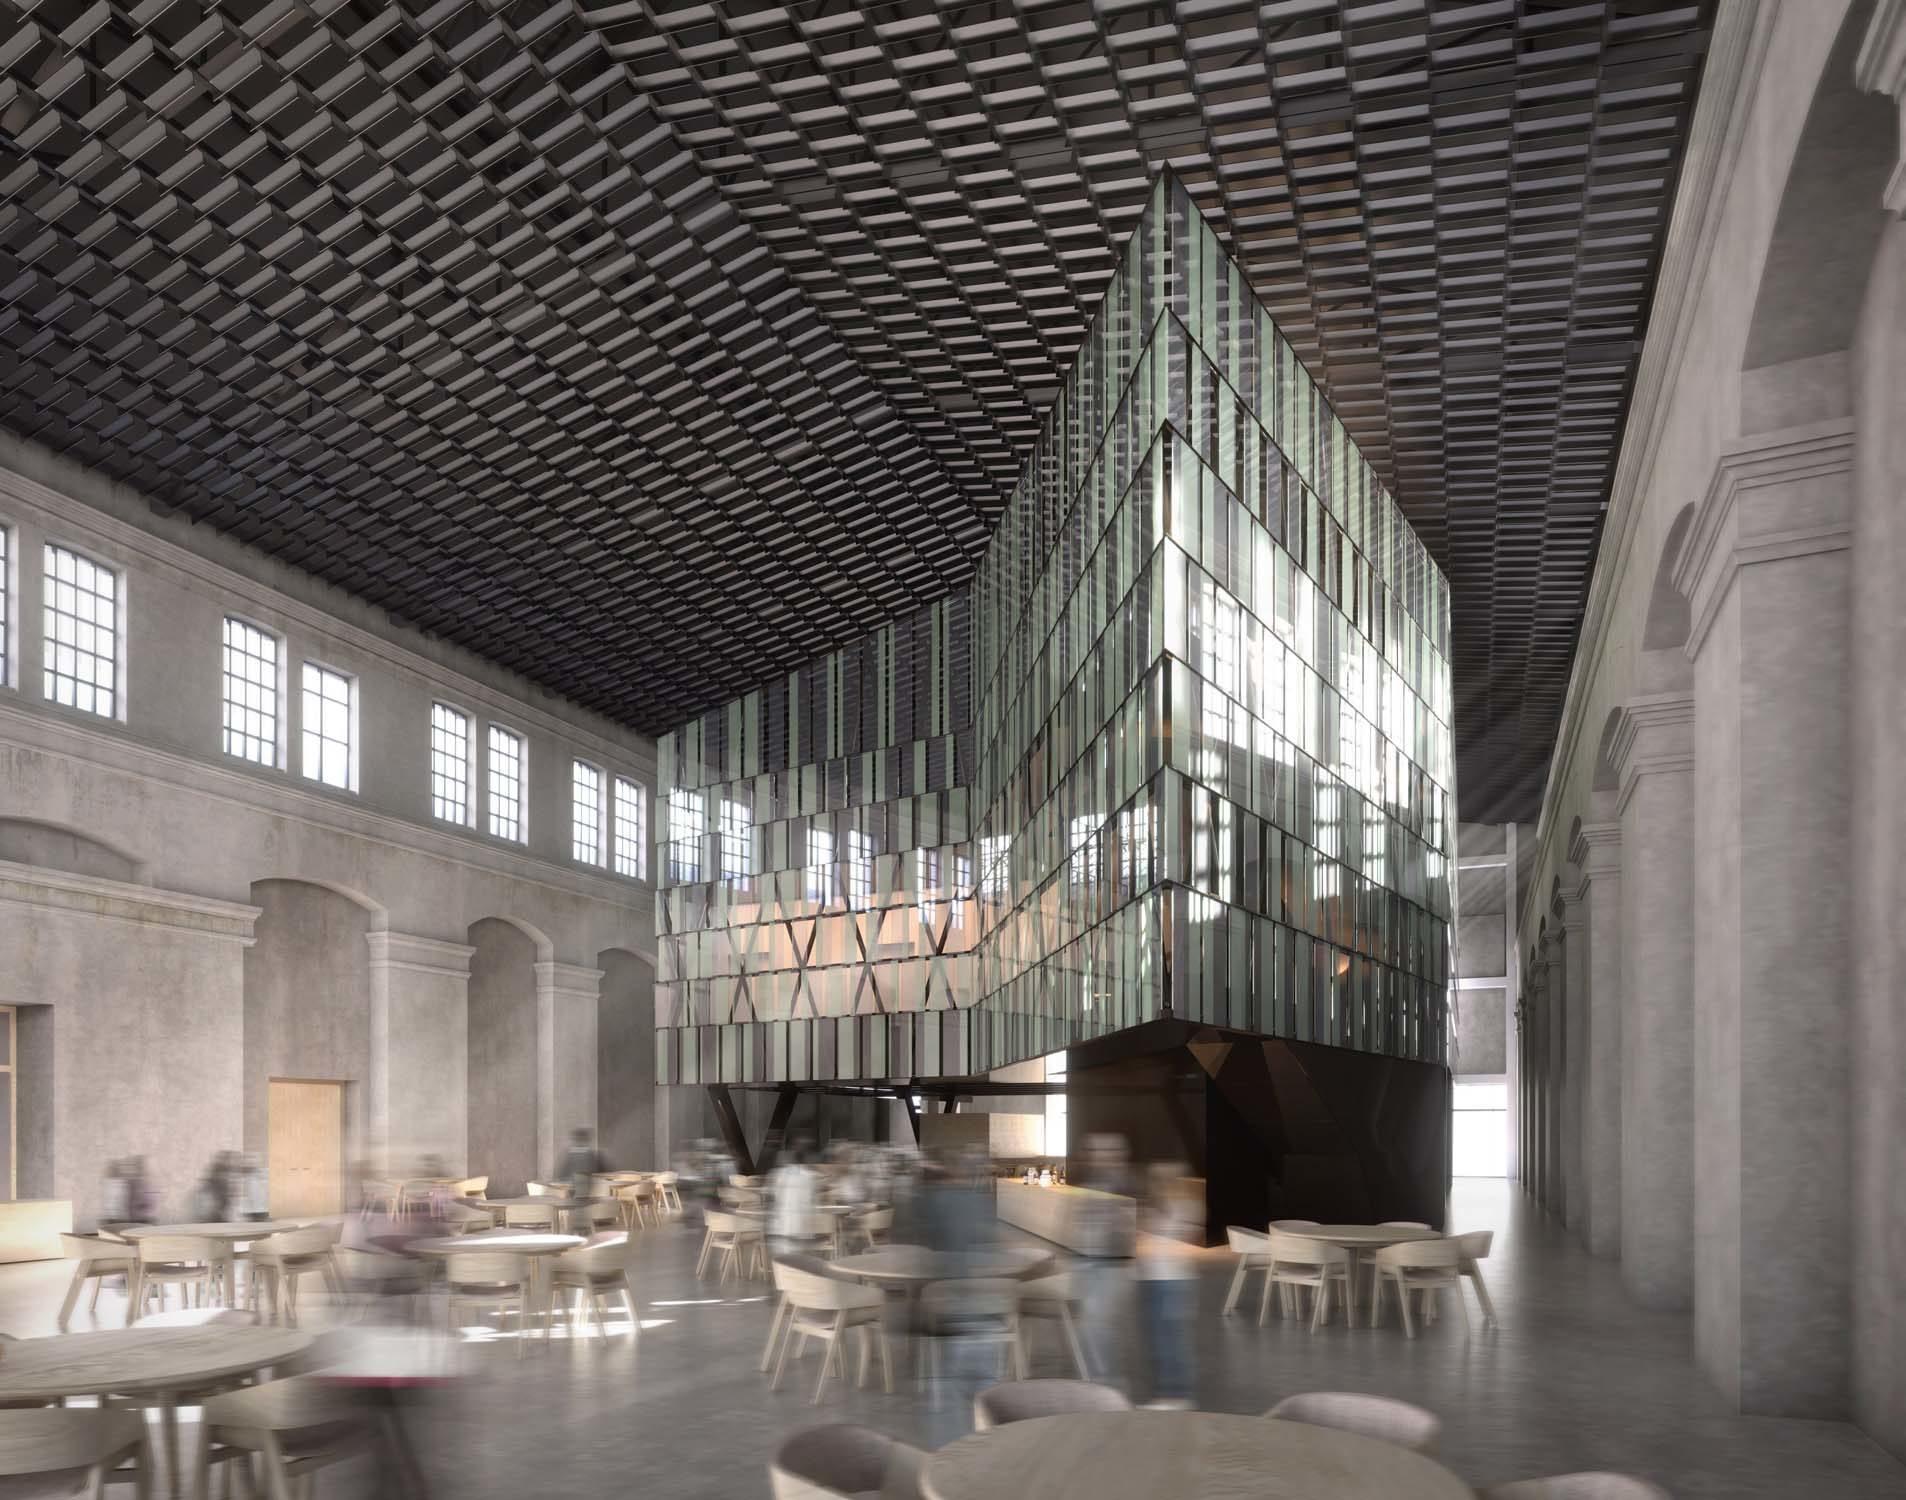 Auditorium Lavazza E5 in Turin – CZA Cino Zucchi Architects, 2013